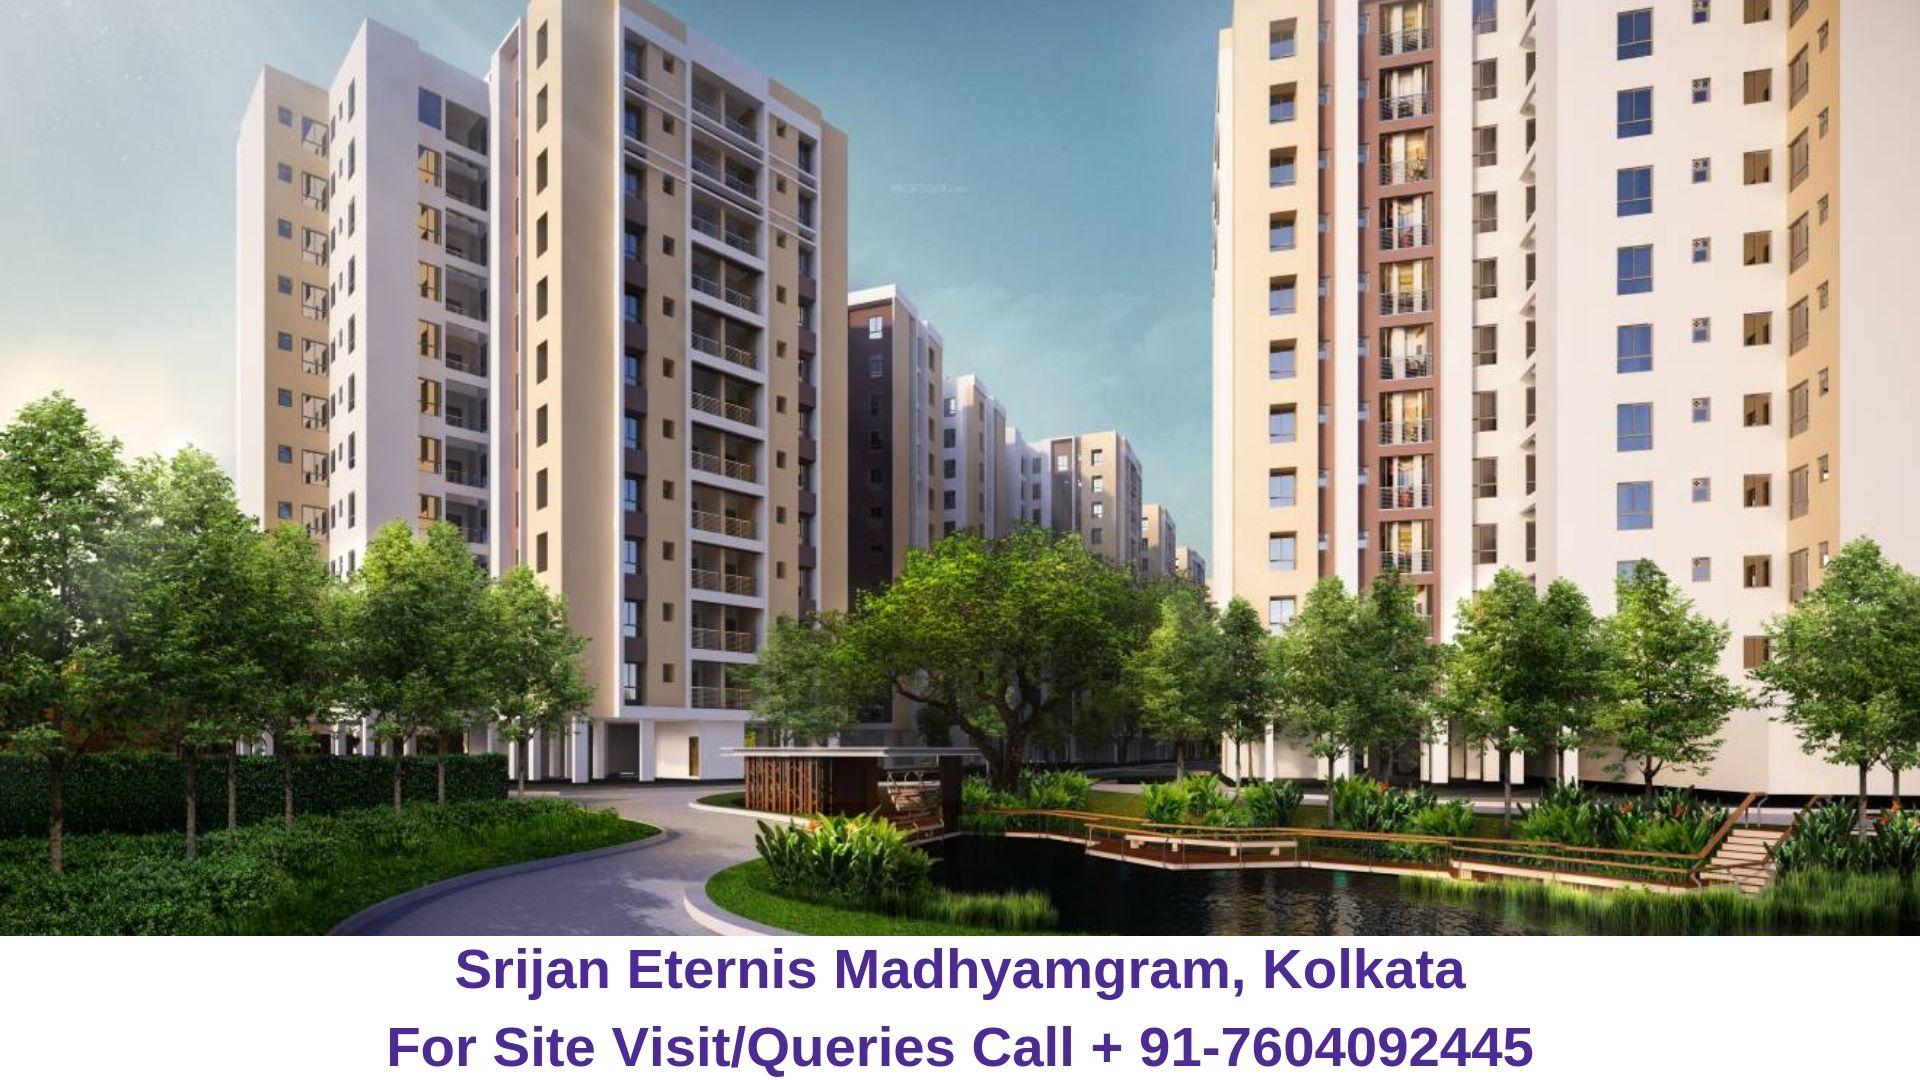 Srijan Eternis Madhyamgram, Kolkata